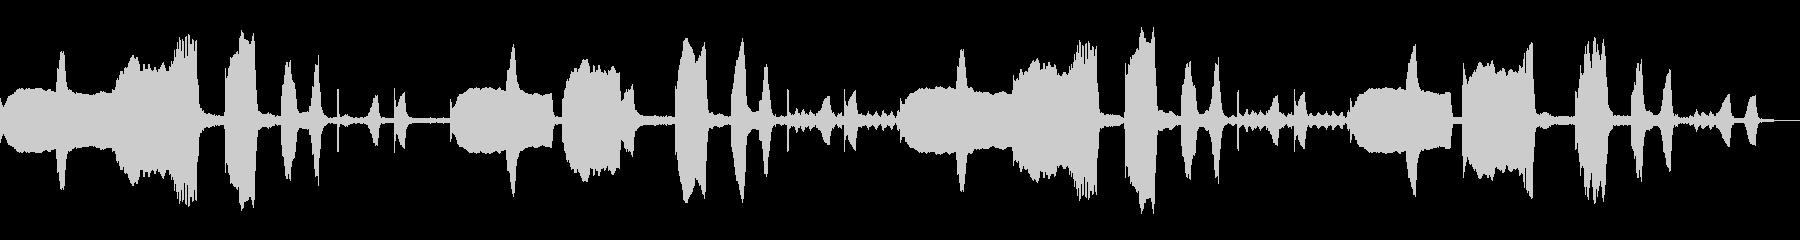 ほのぼの系~リコーダーと打楽器のループ~の未再生の波形